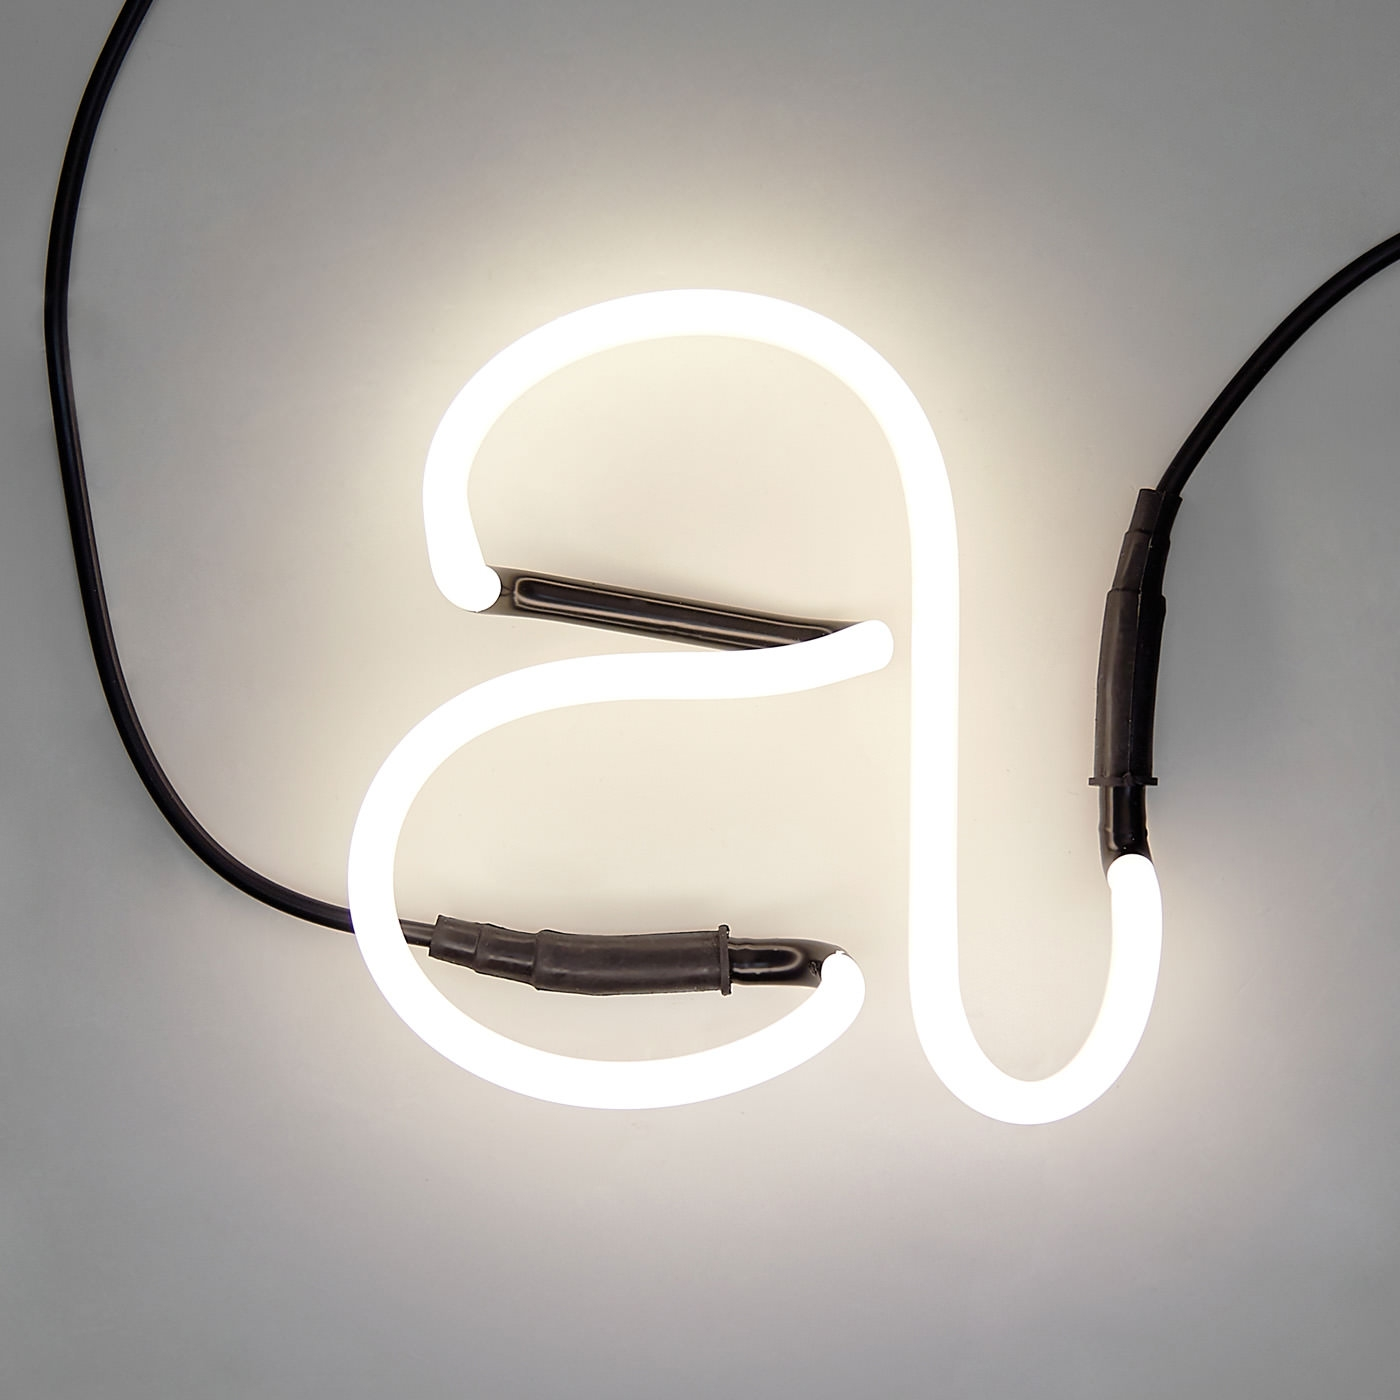 neon lettre a lampe jonathan adler pickture. Black Bedroom Furniture Sets. Home Design Ideas